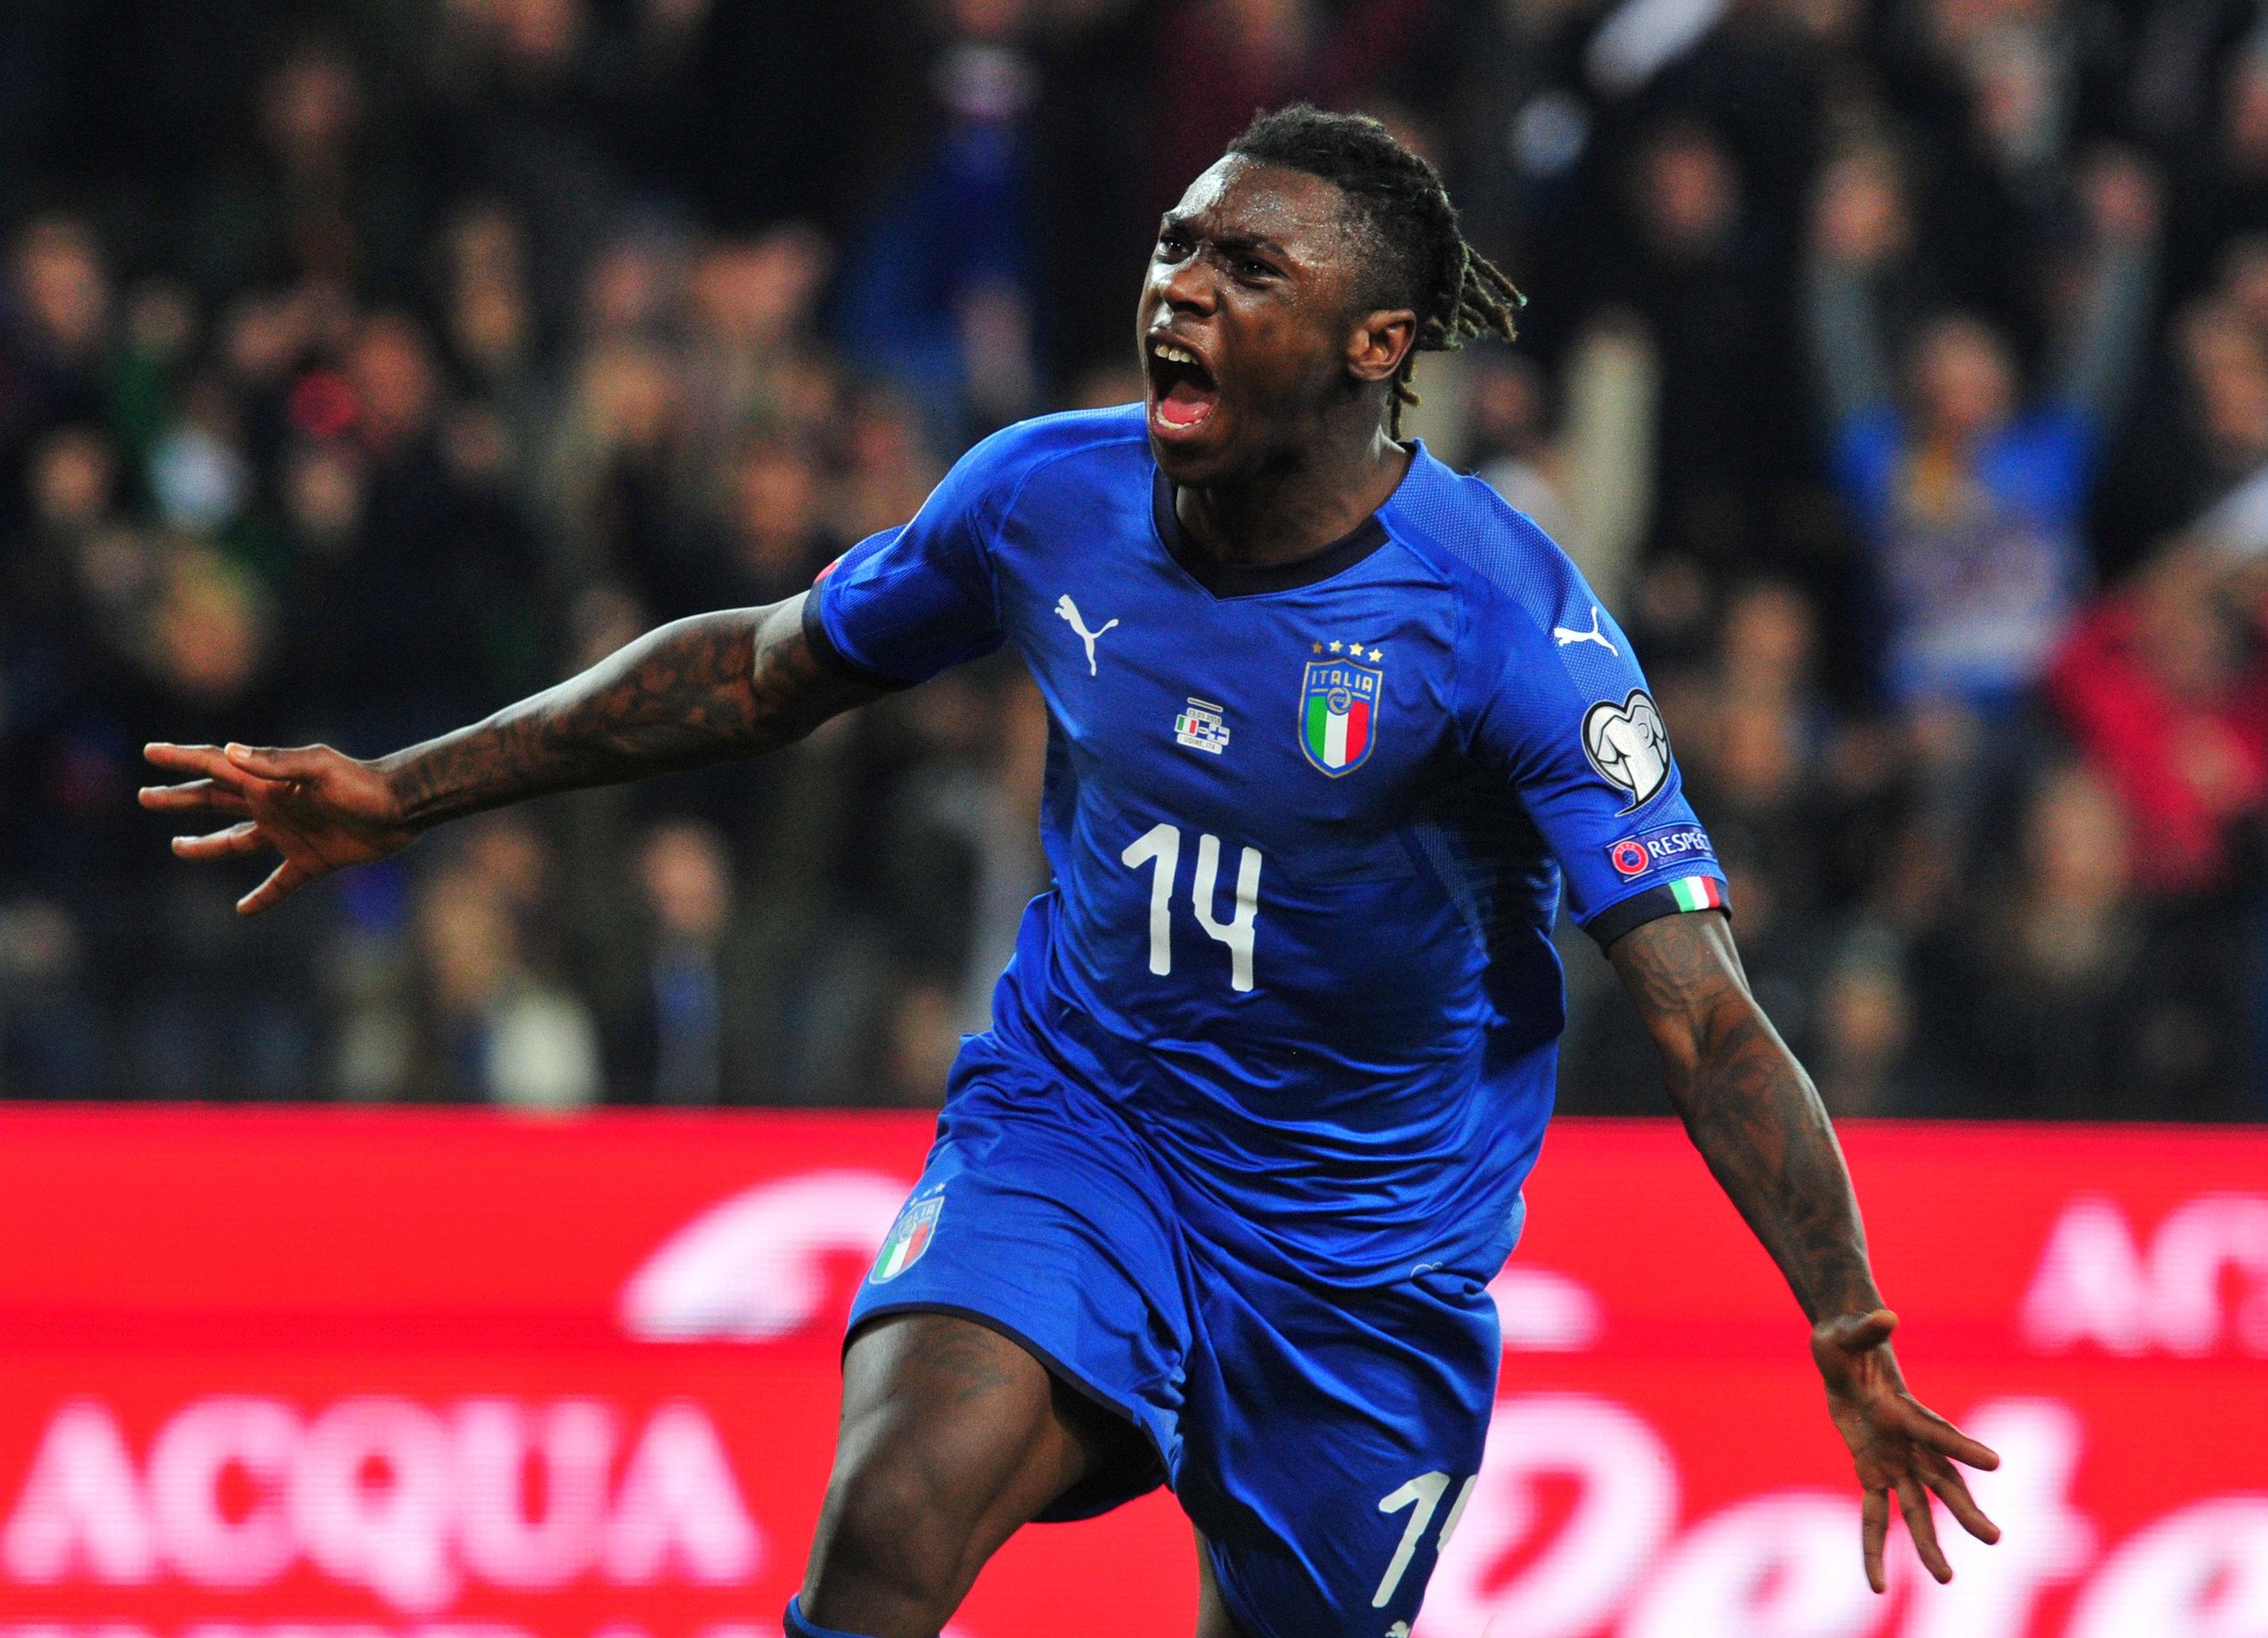 Football - Euro 2020 - Qui est Moise Kean, l'attaquant italien comparé à Balotelli par son sélectionneur ?